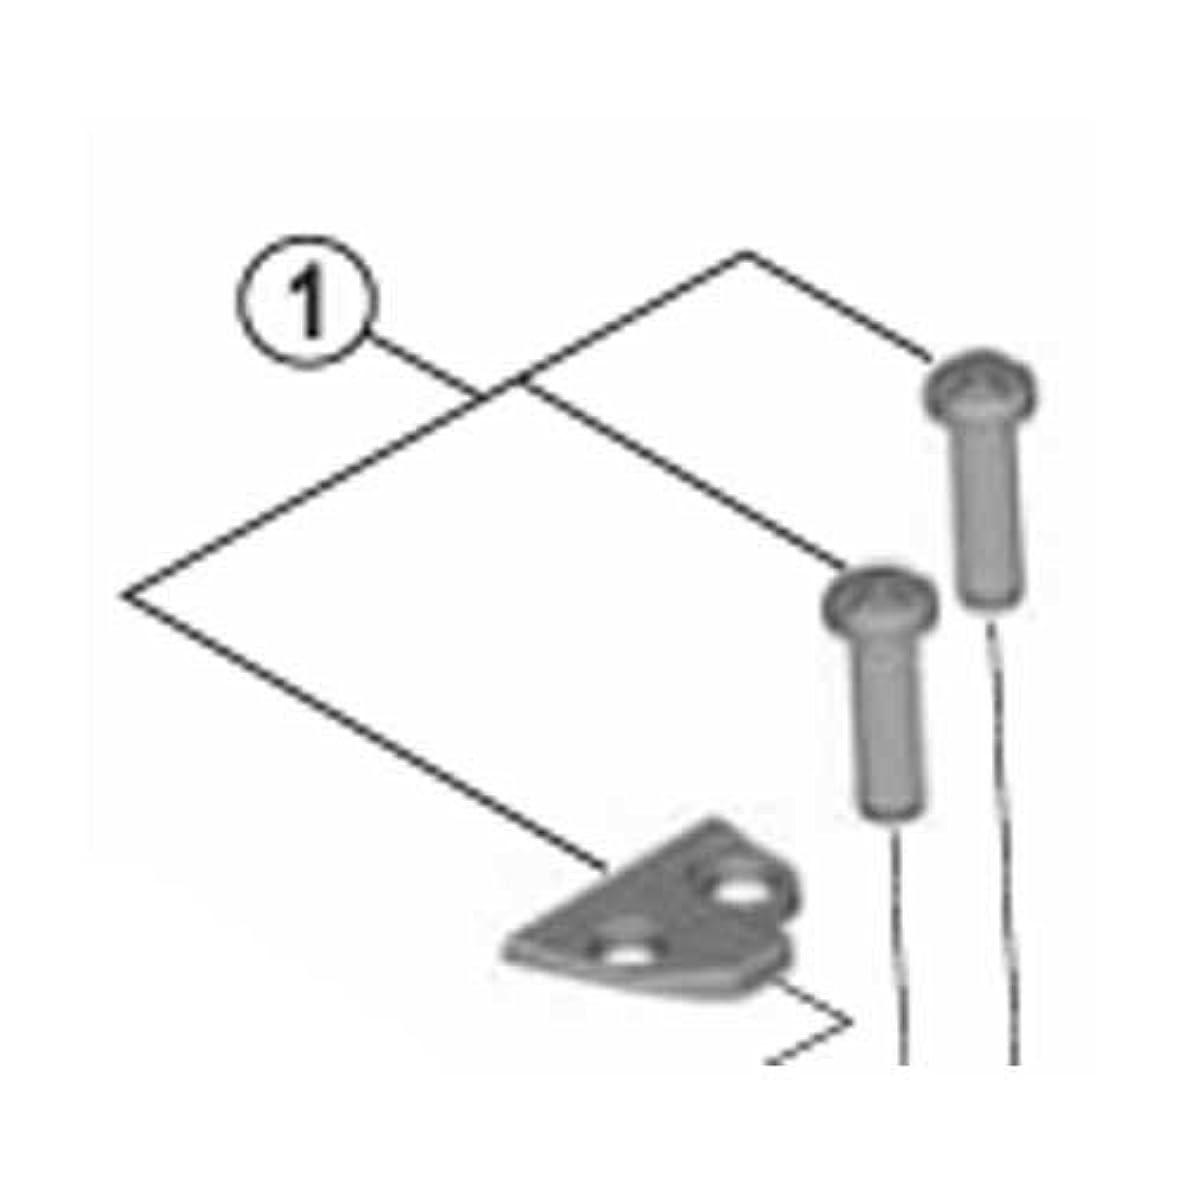 磁気遺産できないシマノ アジャストボルト(M4×15)&プレート(バンド式用) Y5P198010